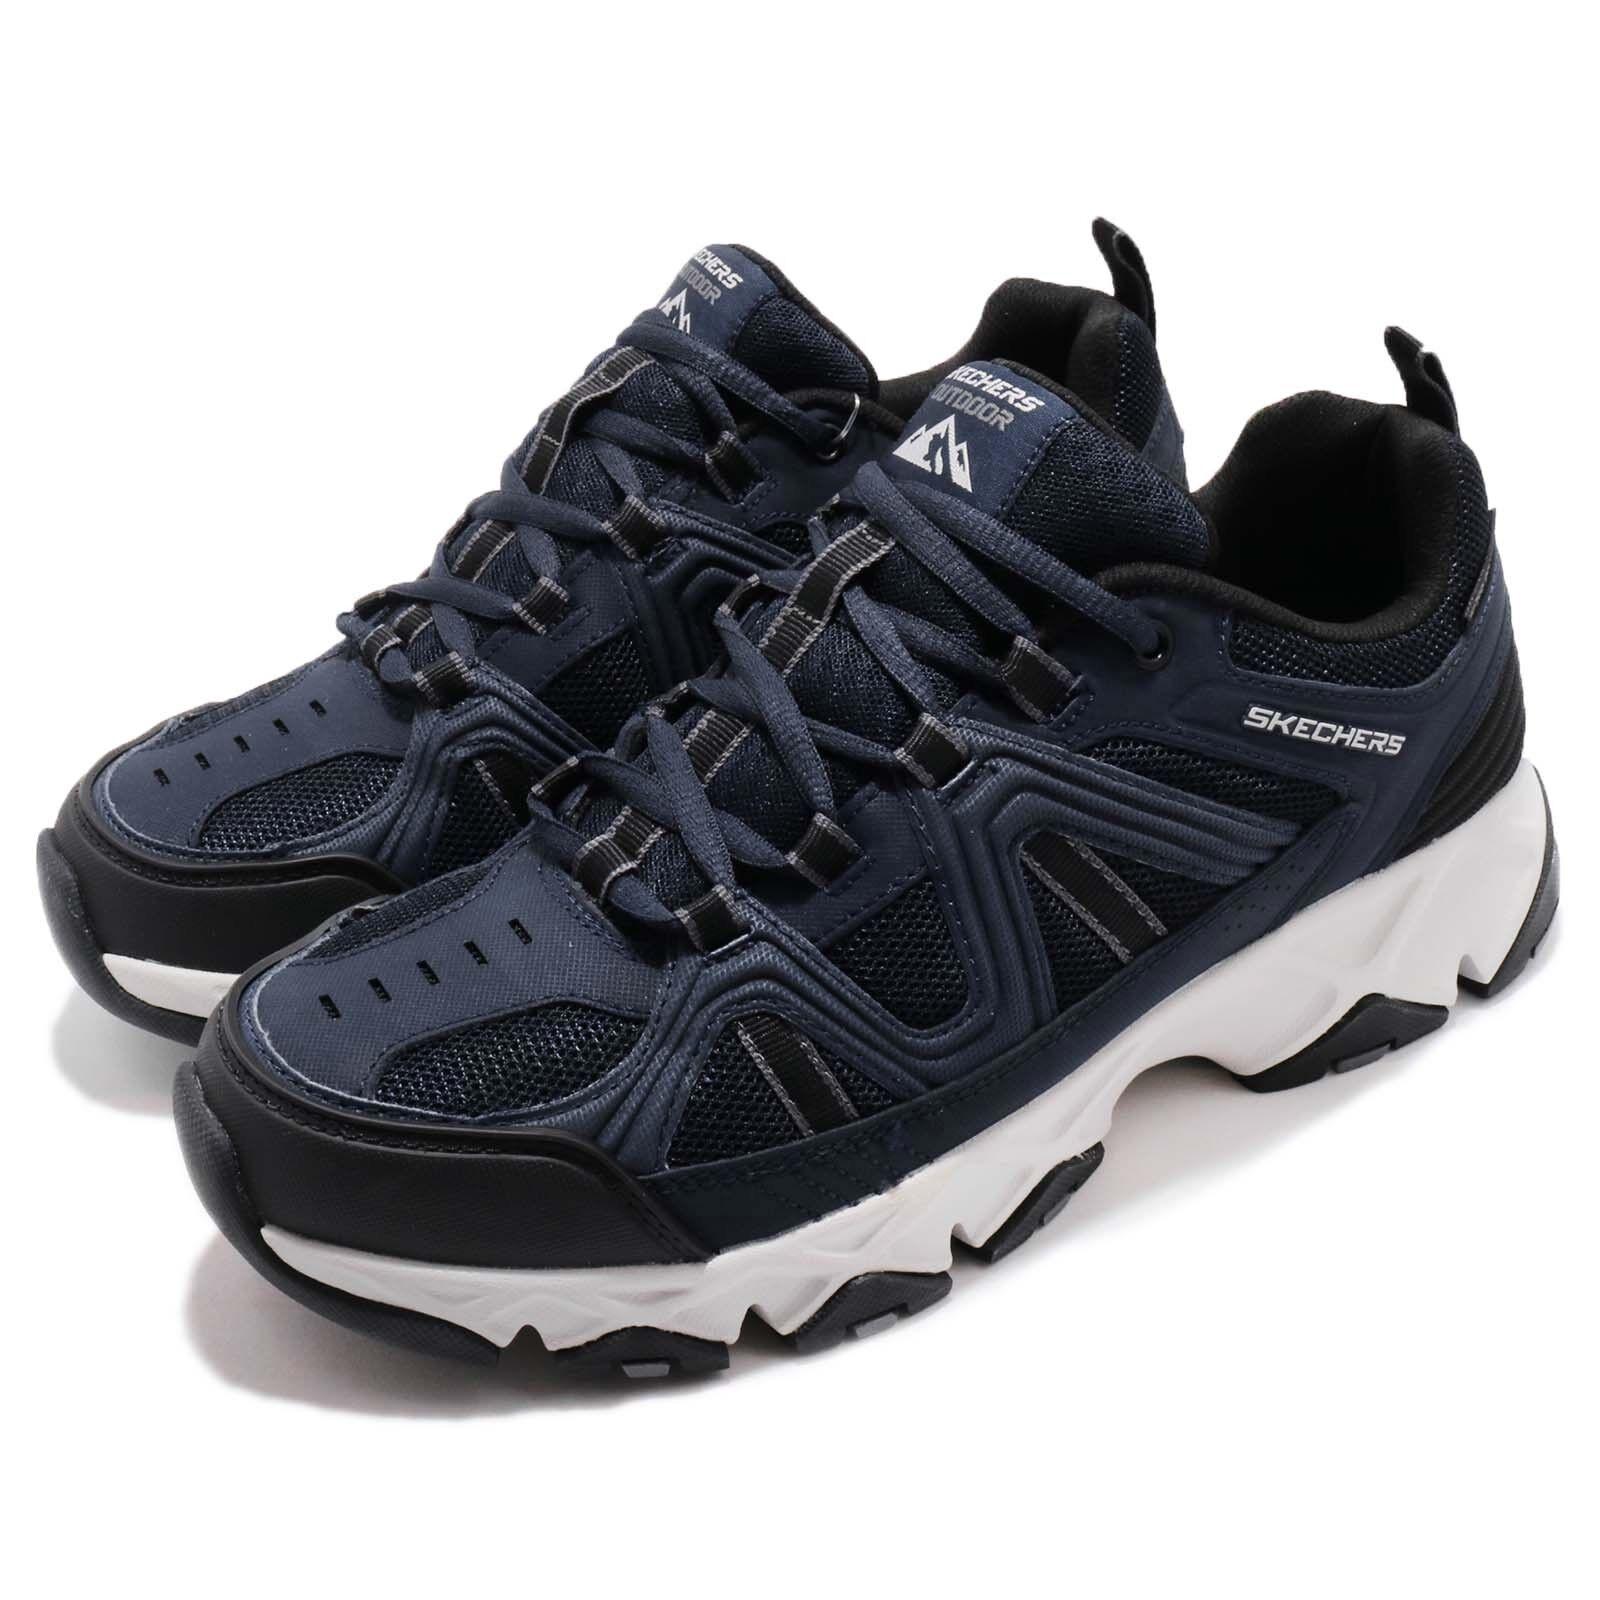 Skechers Crossbar Navy Noir Blanc Men Water Repellent Outdoors Chaussures 51885-NVBK